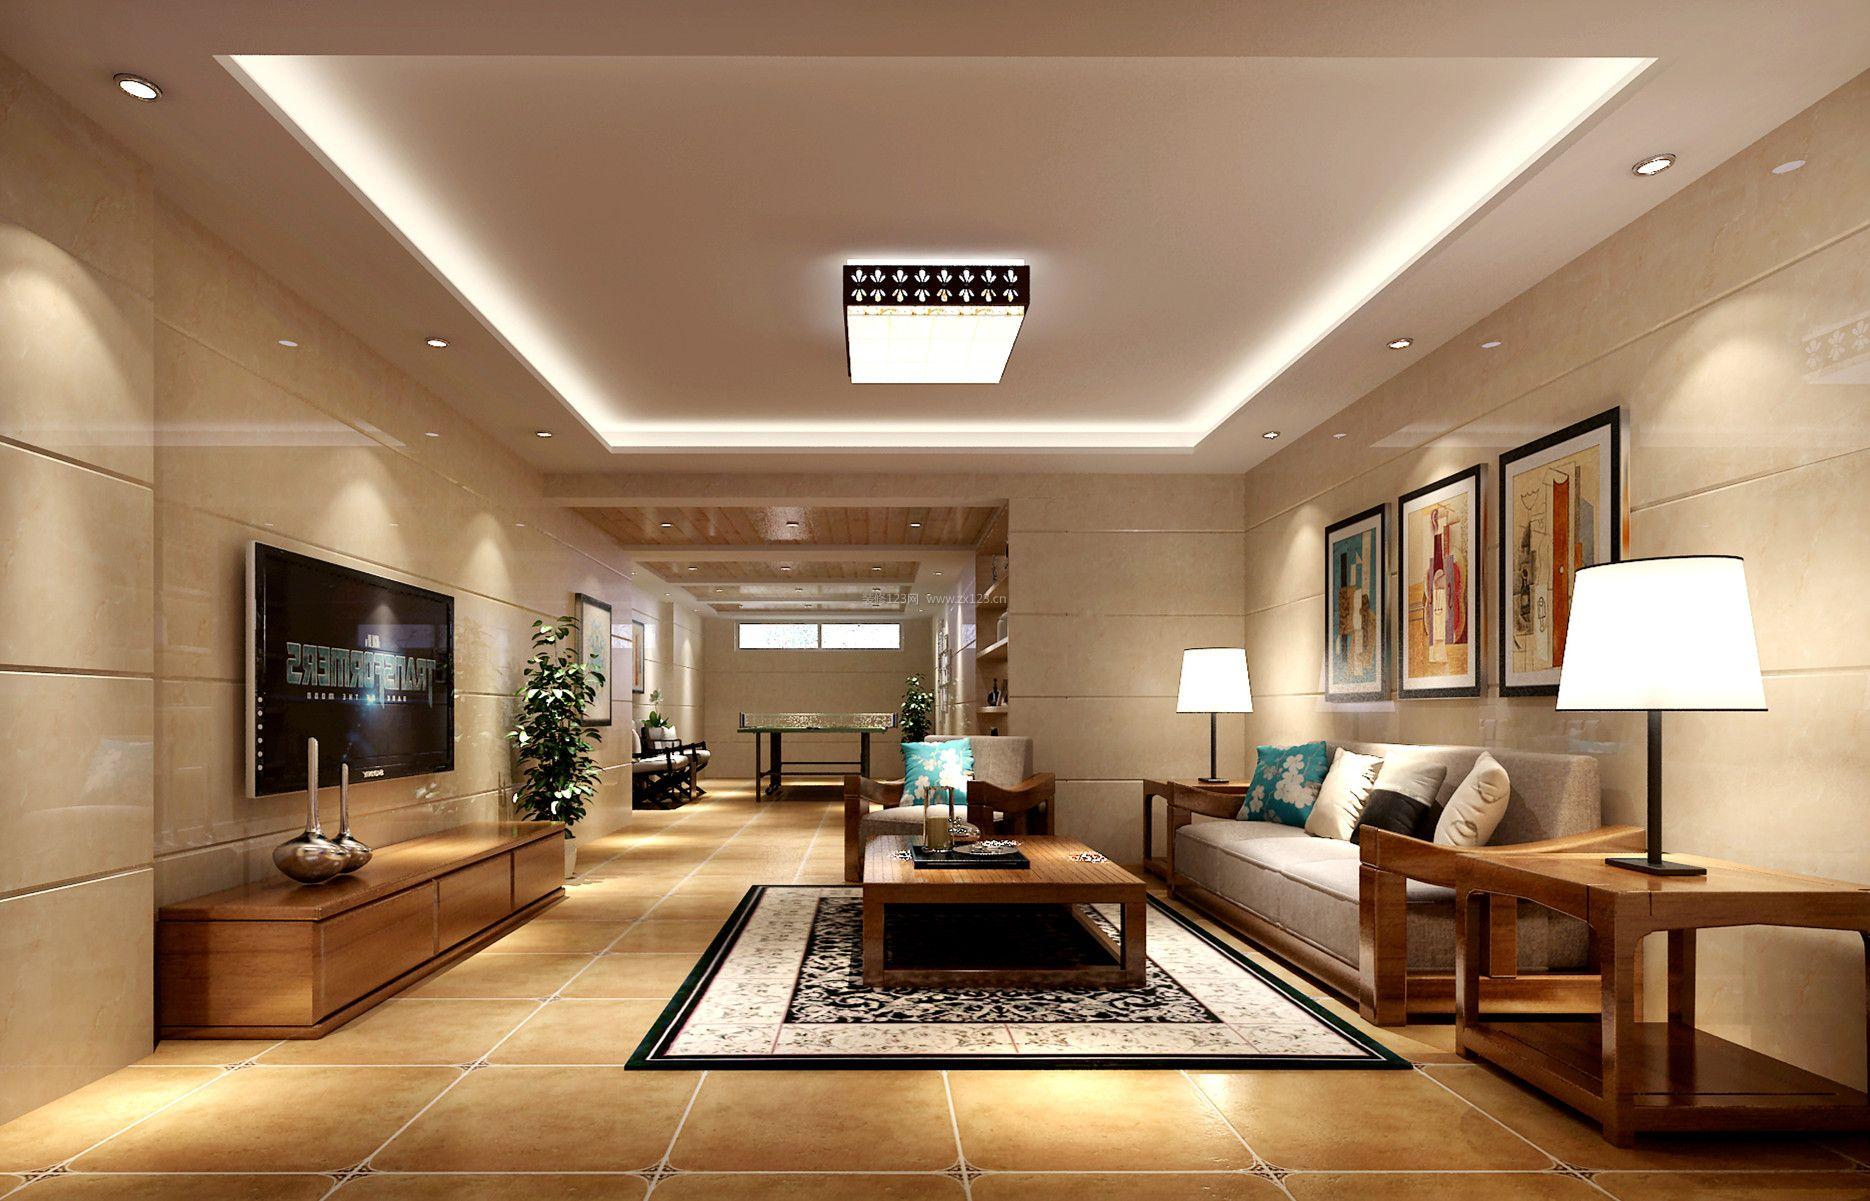 2017家庭别墅客厅家居设计图 瓷砖电视背景墙装修效果图片